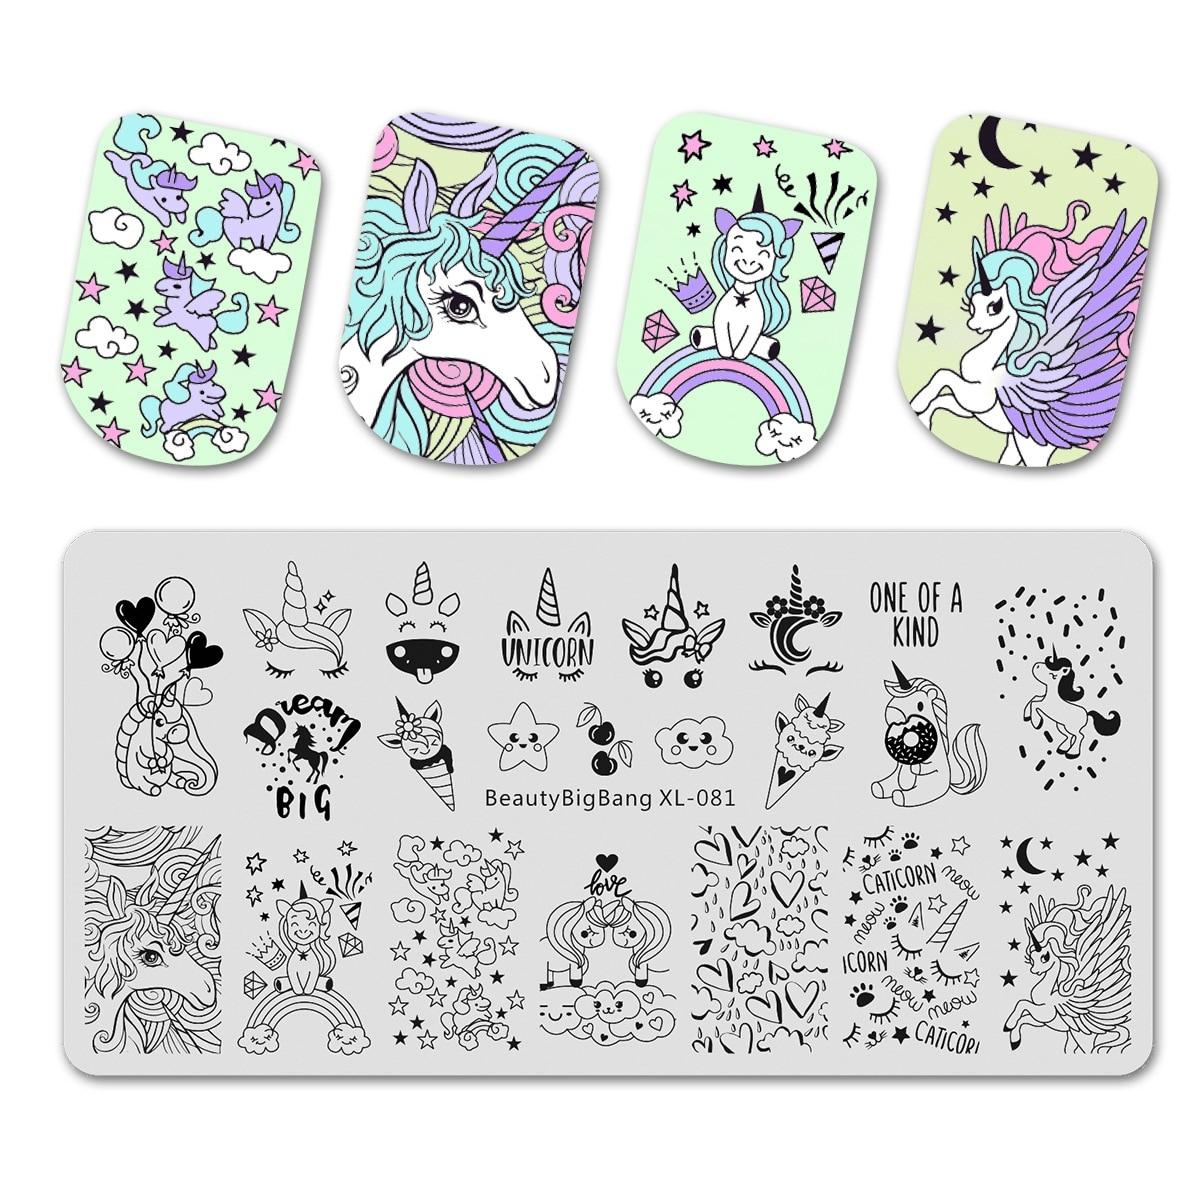 Belleza Bigbang placas de estampado lindo unicornio nube estrella patrón de helado molde para arte de uñas herramienta accesorios sello plantilla XL-081